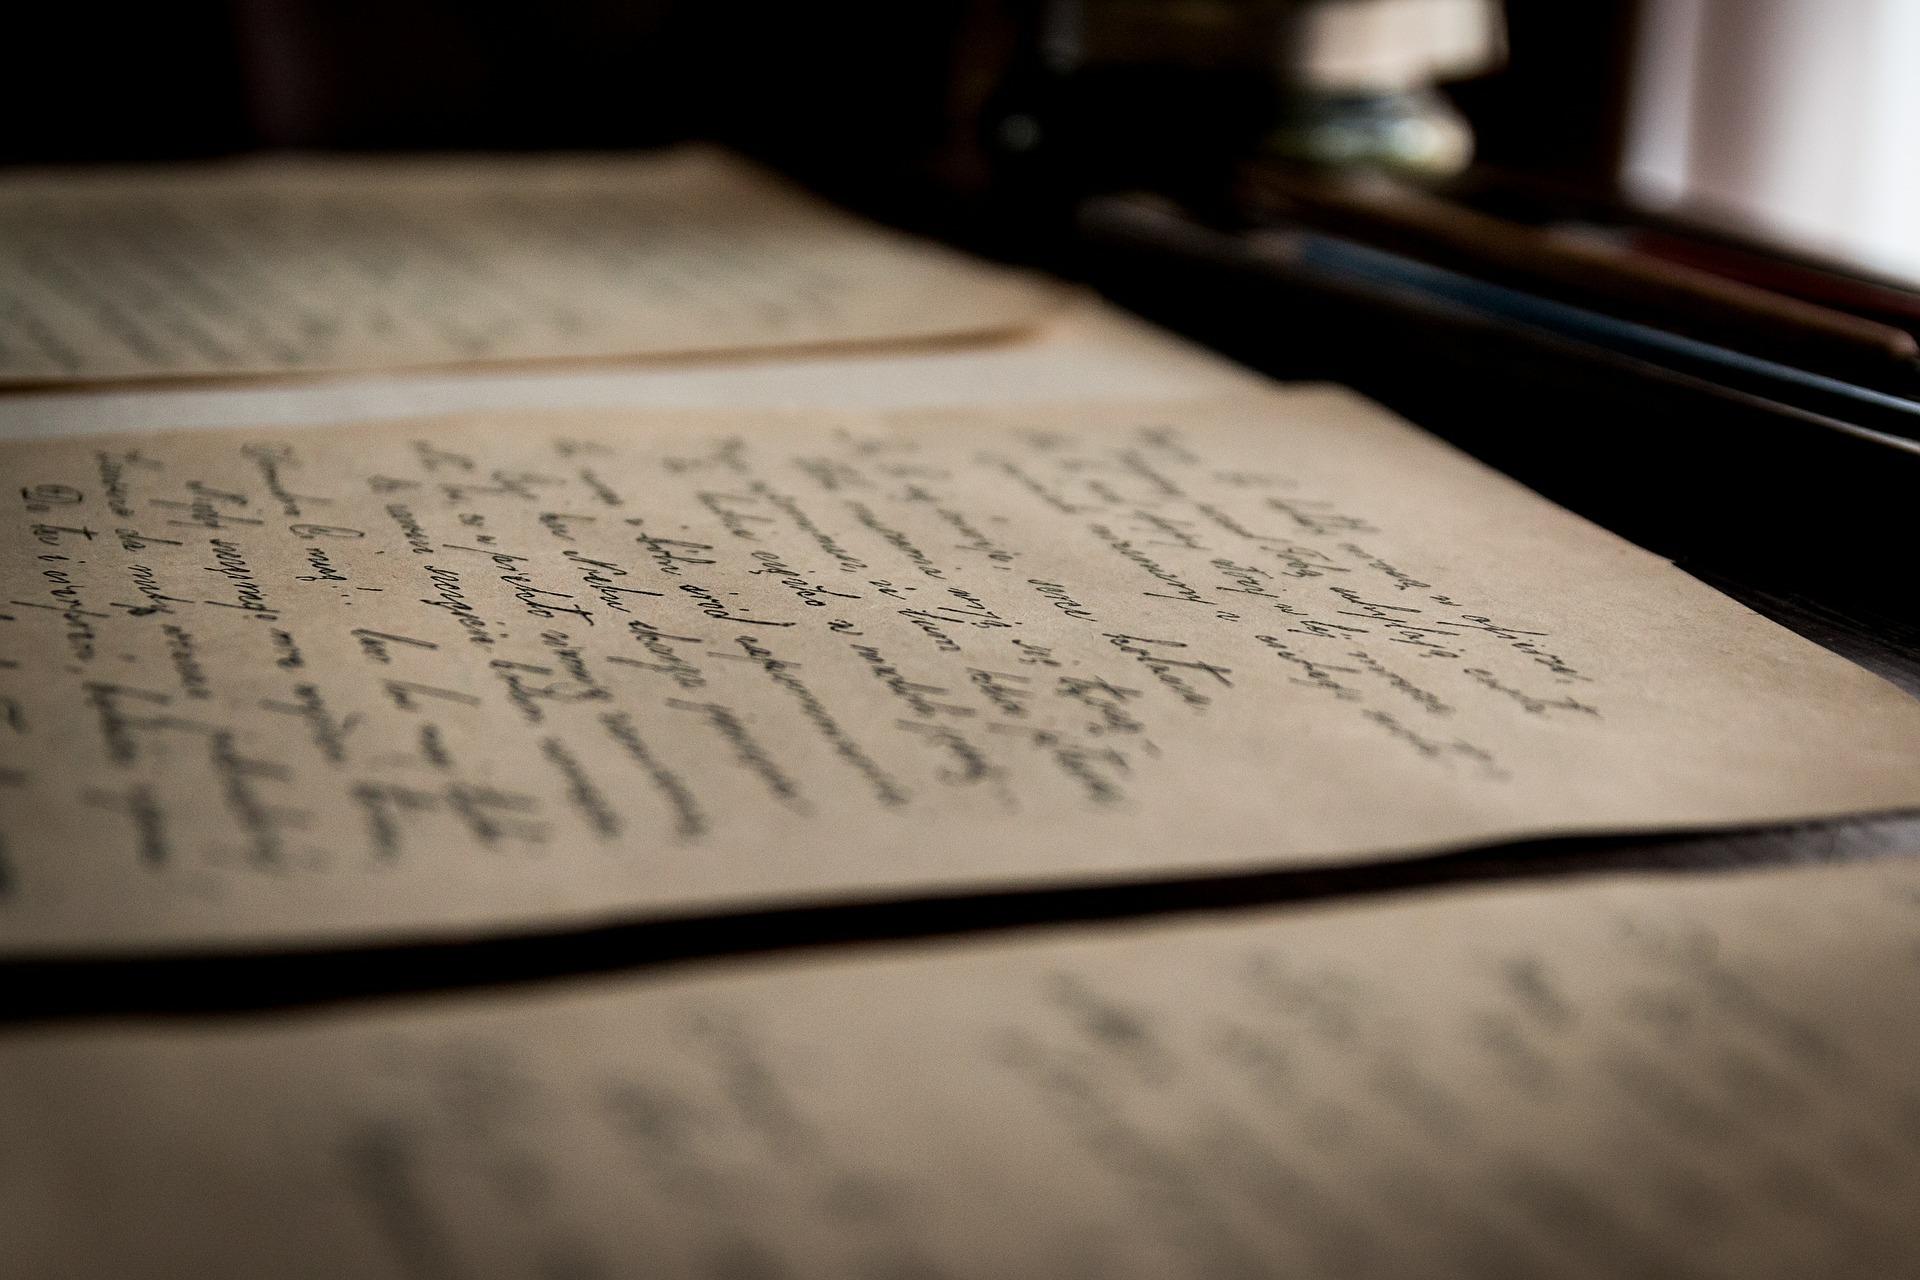 scrii o scrisoare